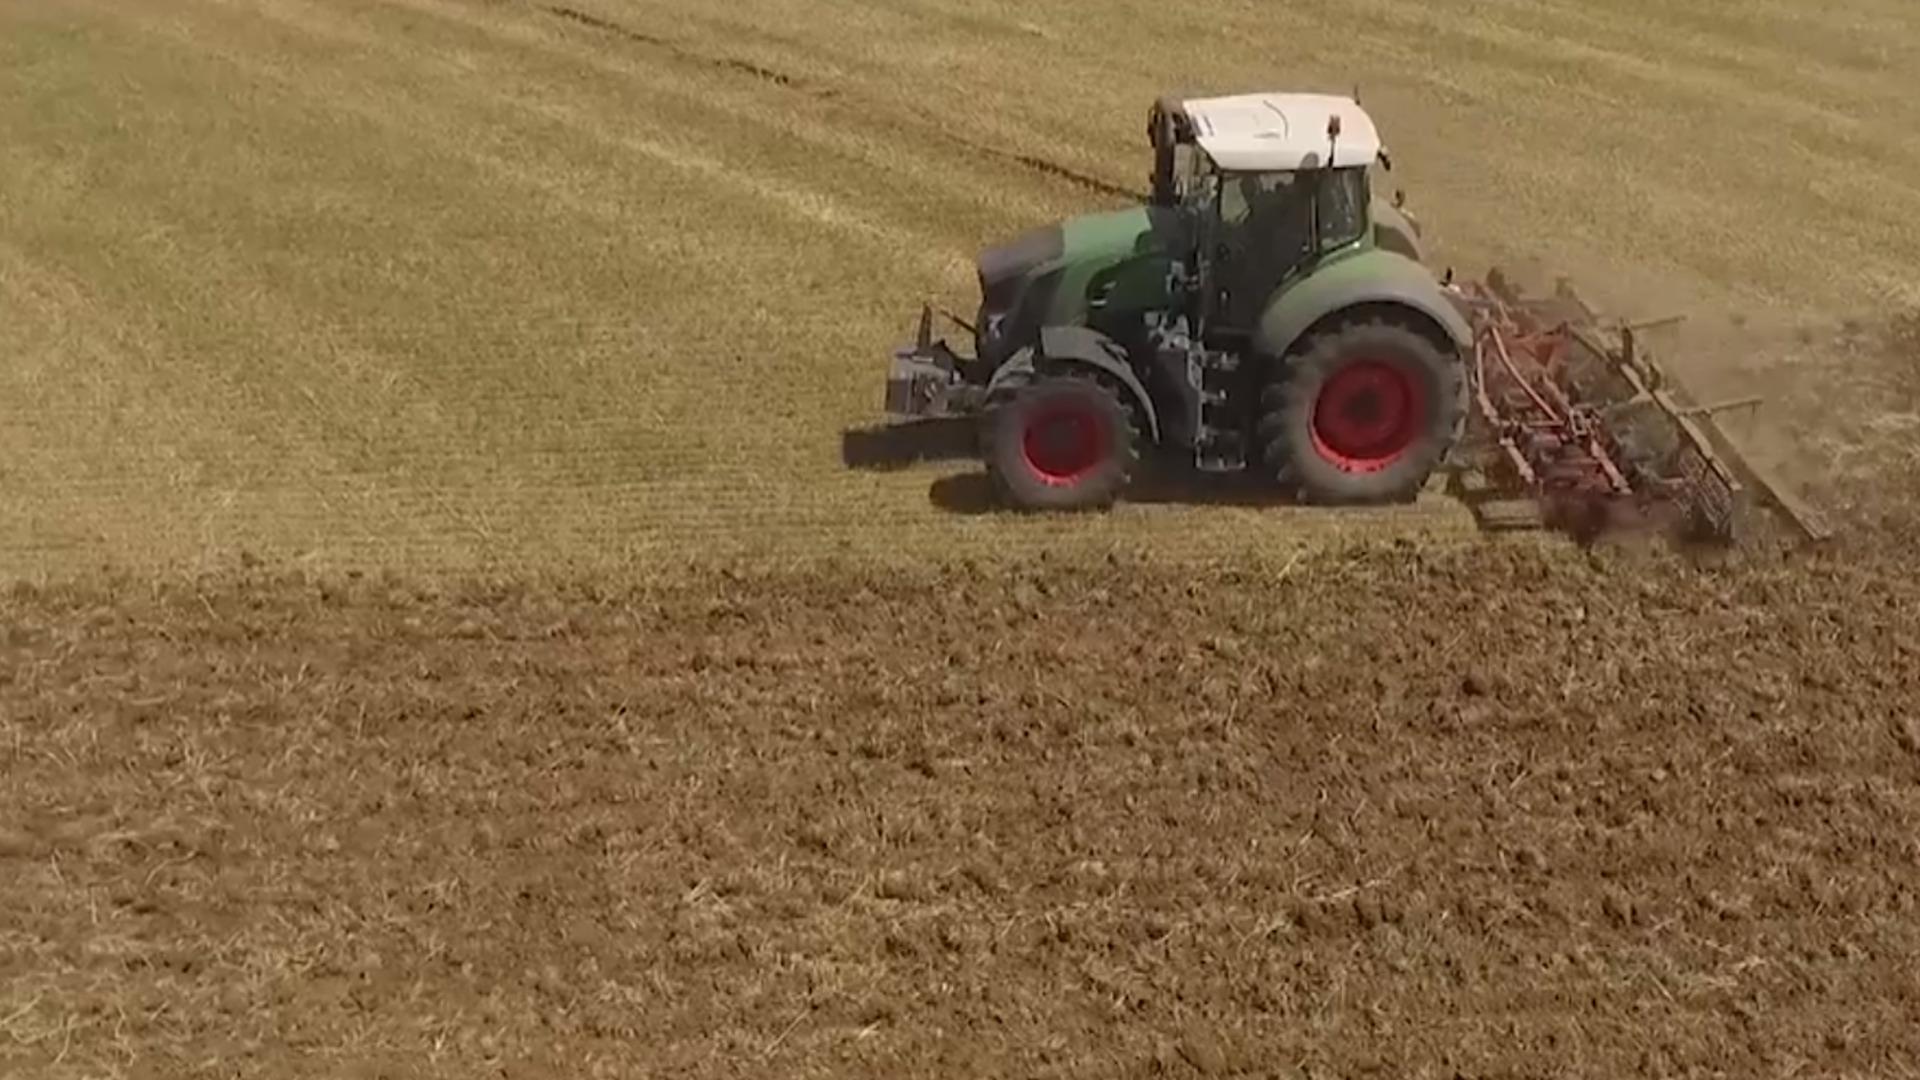 Prohibida la venta de tractores de mas de 40 años sin proteccion y la importacion de maquinaria de otros países que no tenga la debida proteccion.1920